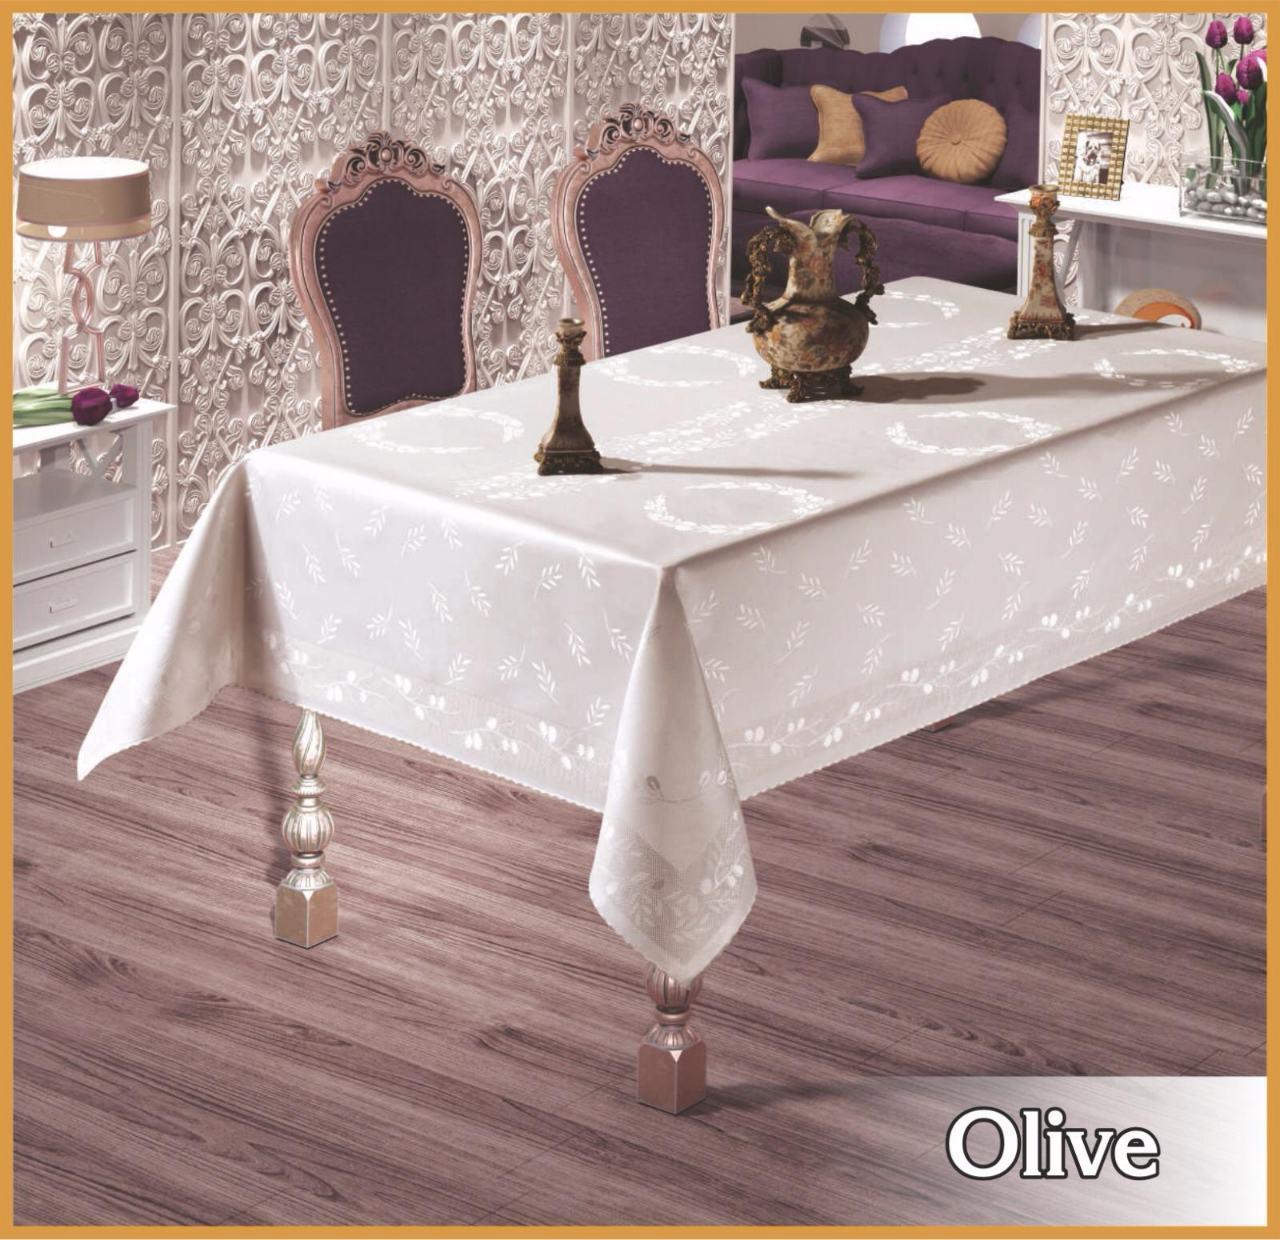 Скатерть тефлоновая прямоугольная Maison Royale Olive 160х220 Белая, Турция